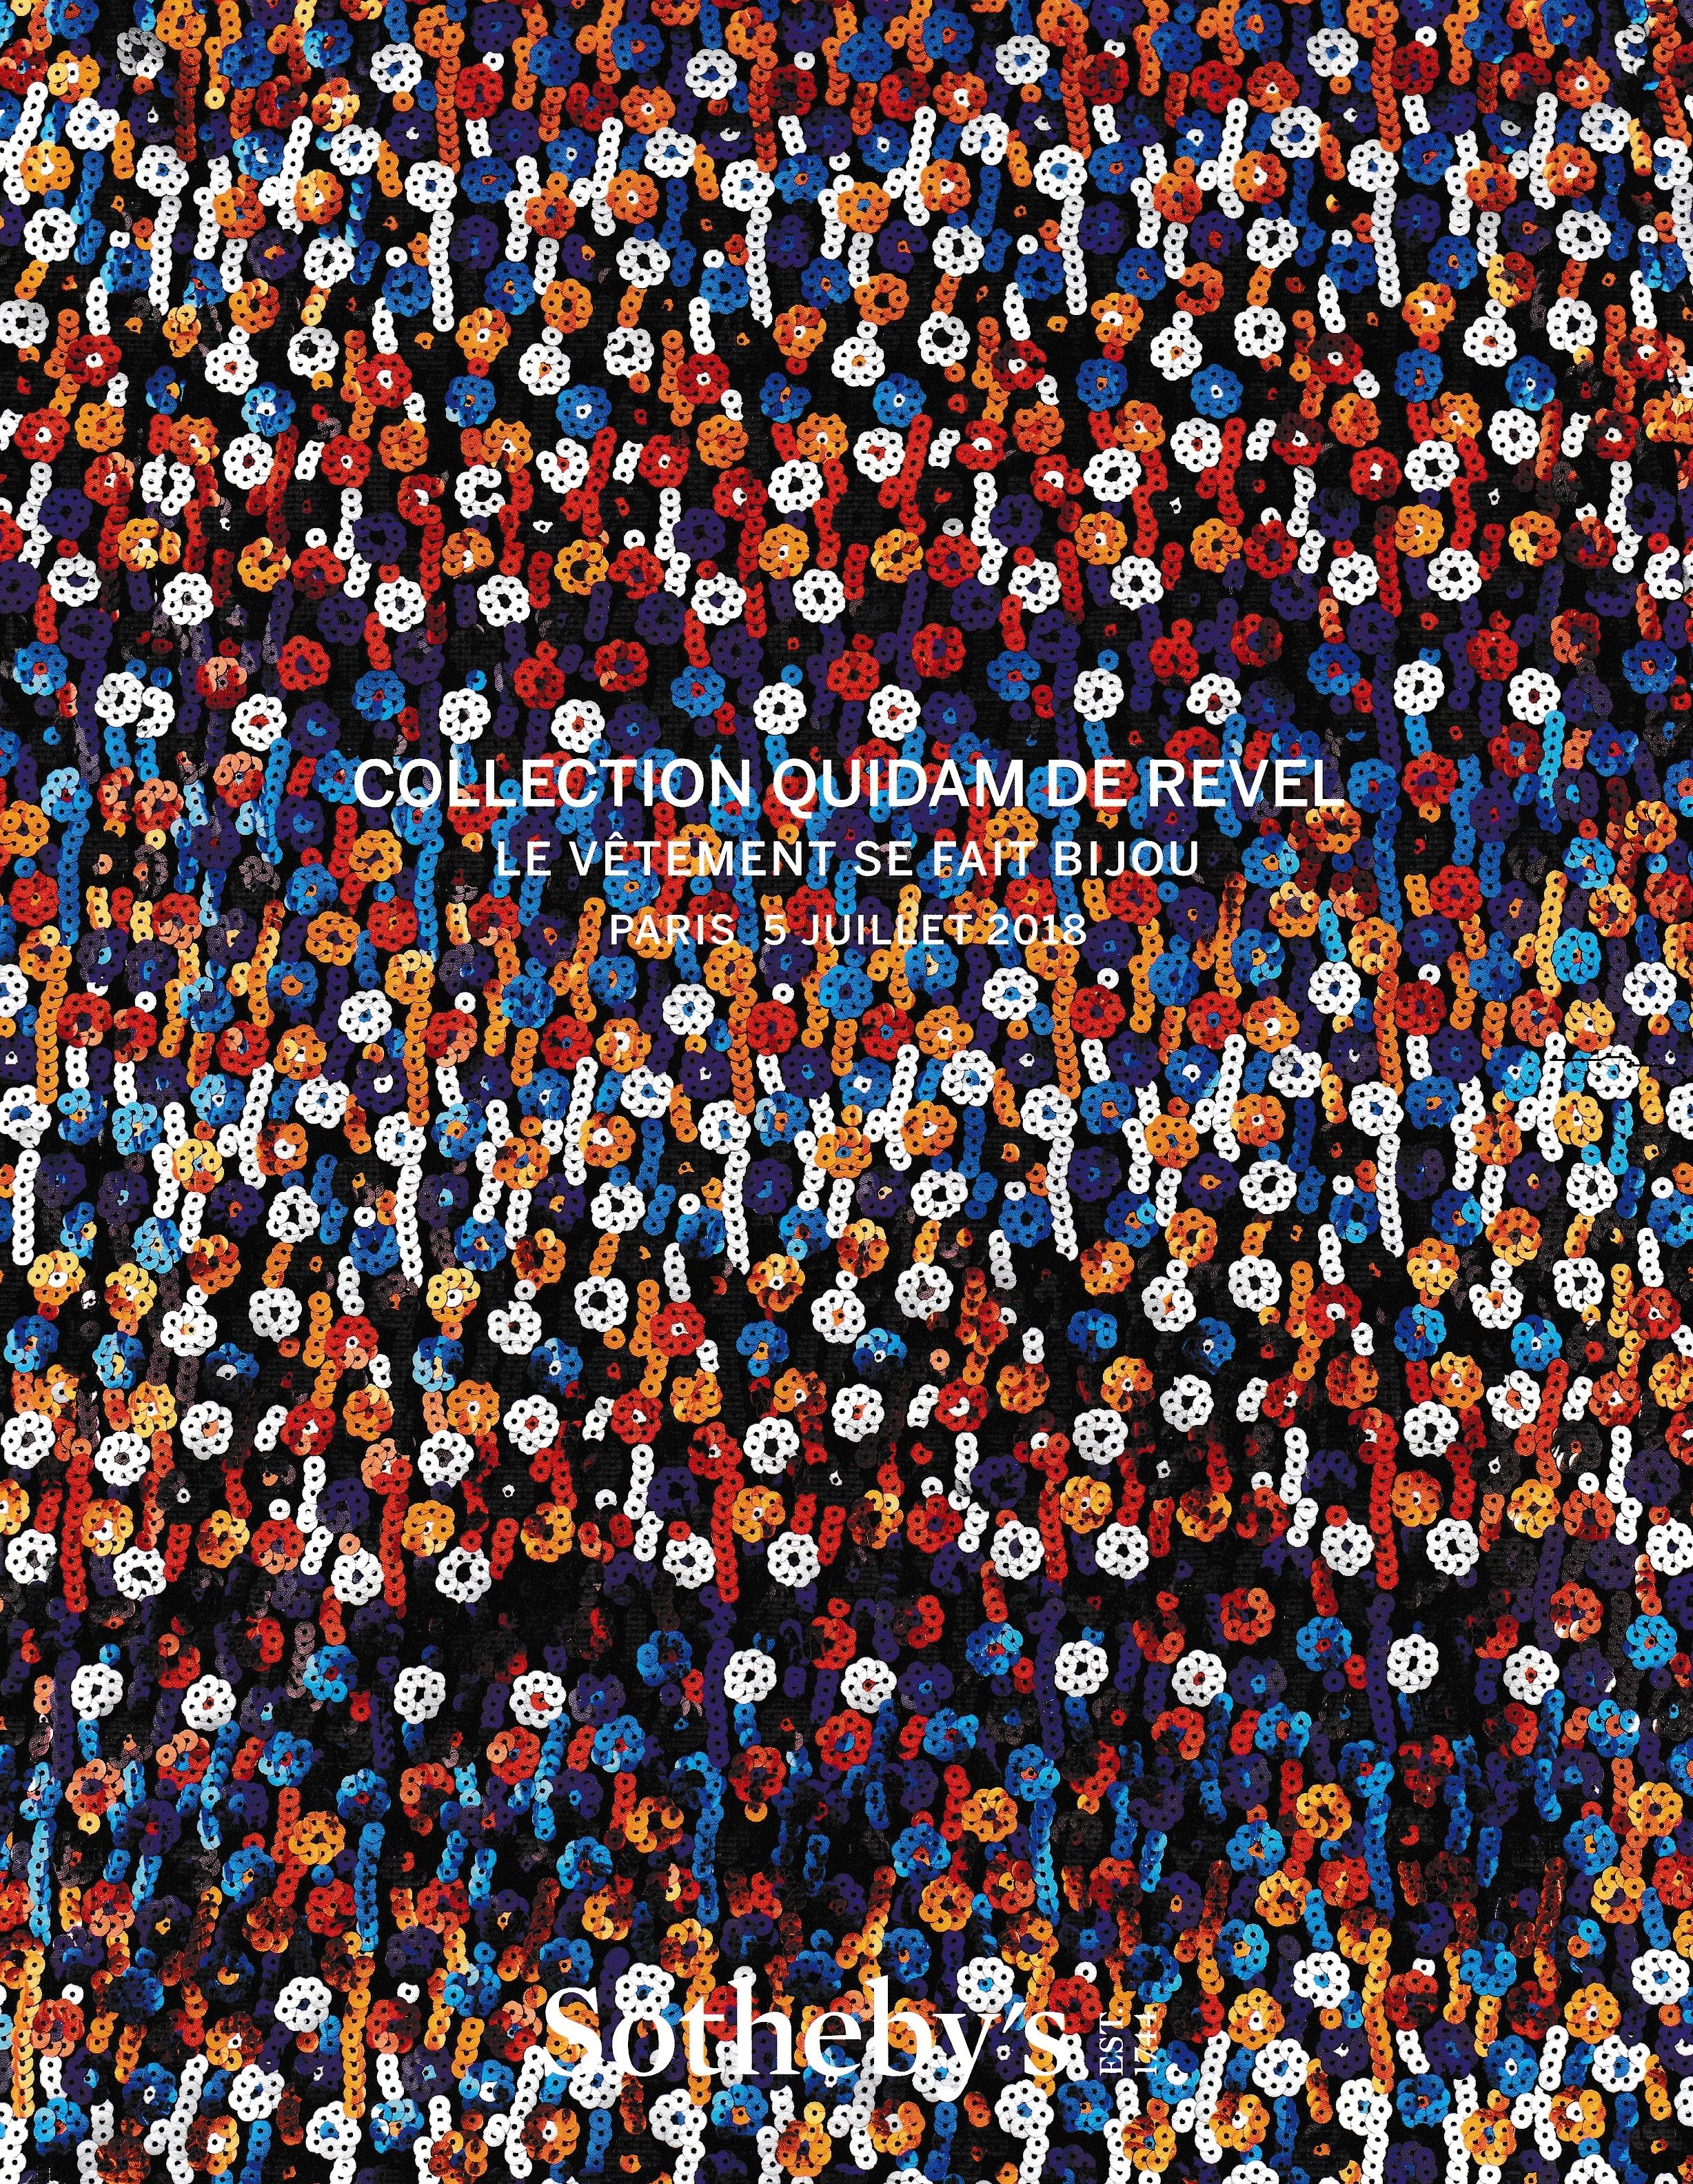 """Sotheby's - Collection Quidam de Revel """"Le vêtement se fait bijou"""" (2018)"""